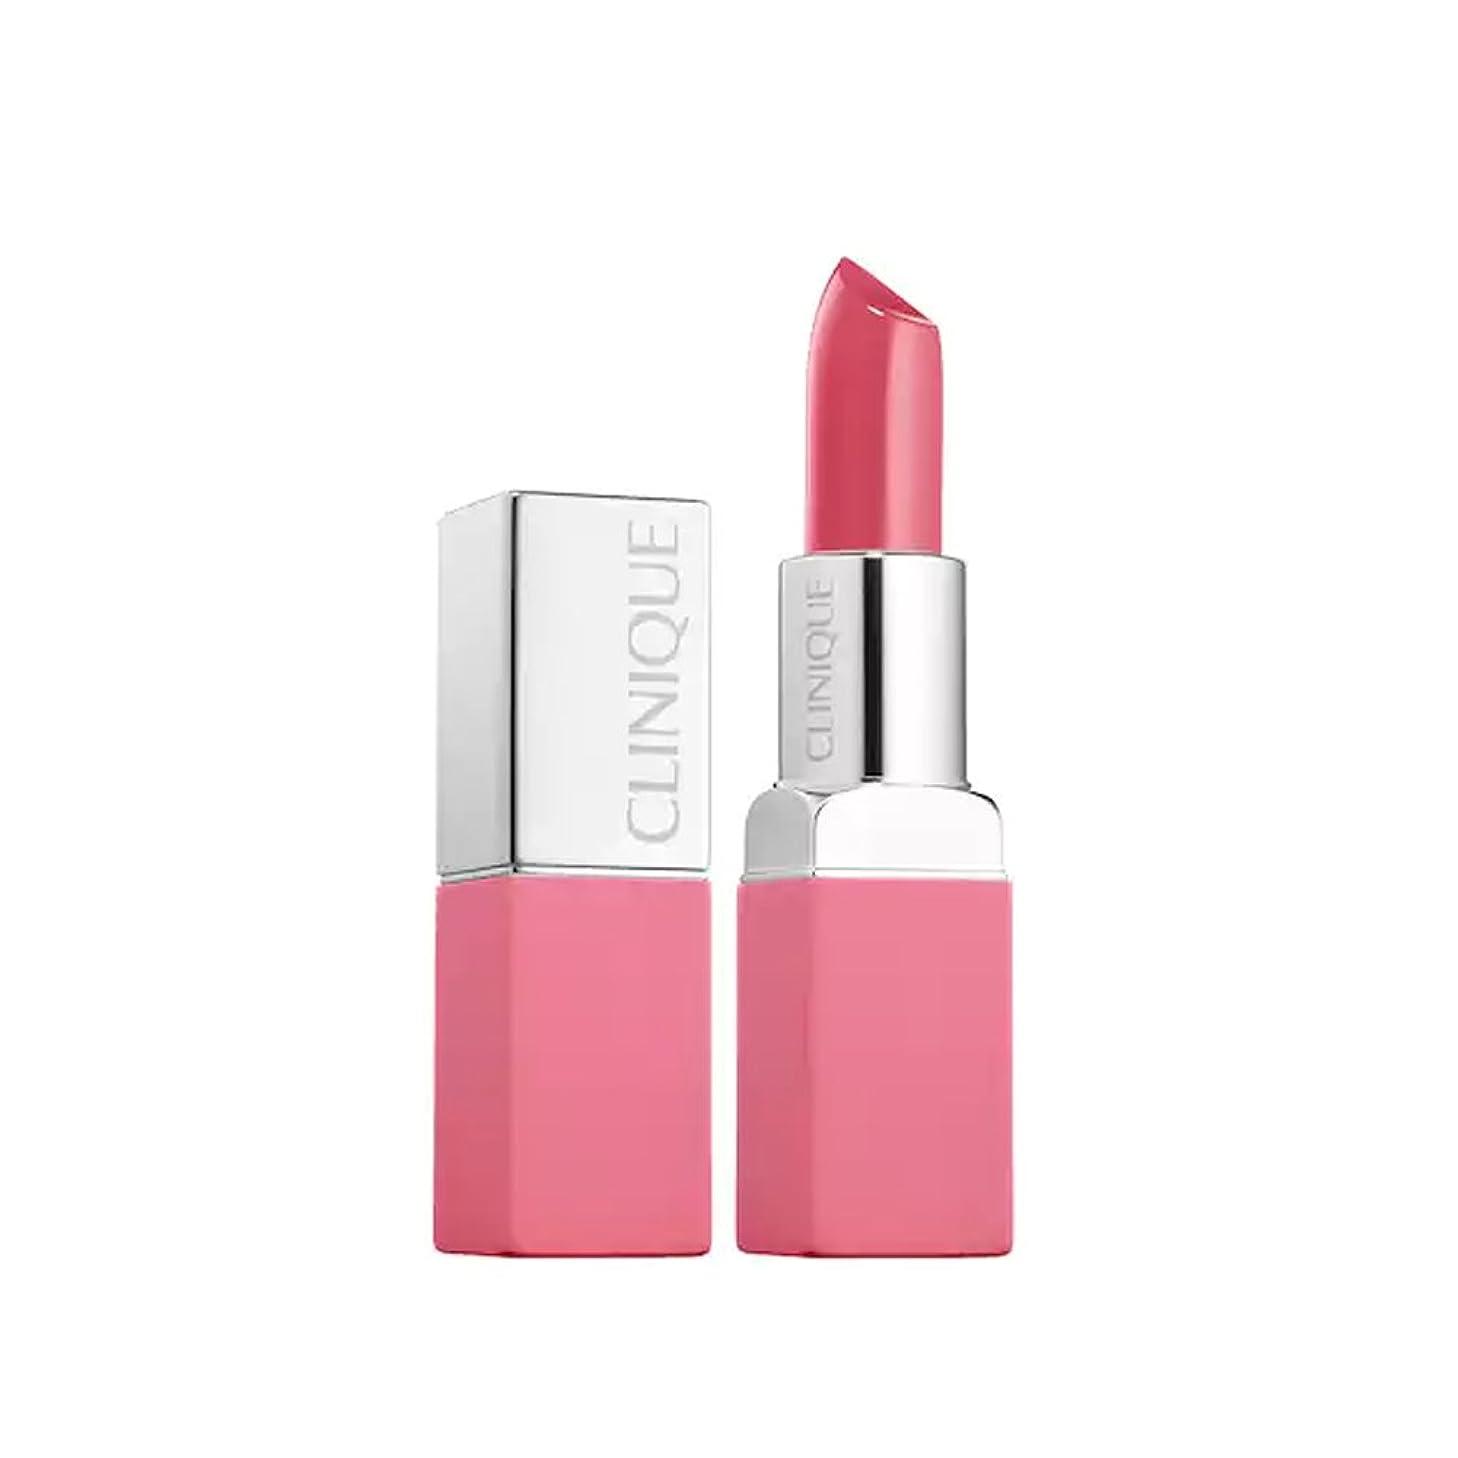 警察署素朴な米国クリニーク Pop Matte Lip Colour + Primer - # 13 Peony Pop 3.9g/0.13oz並行輸入品